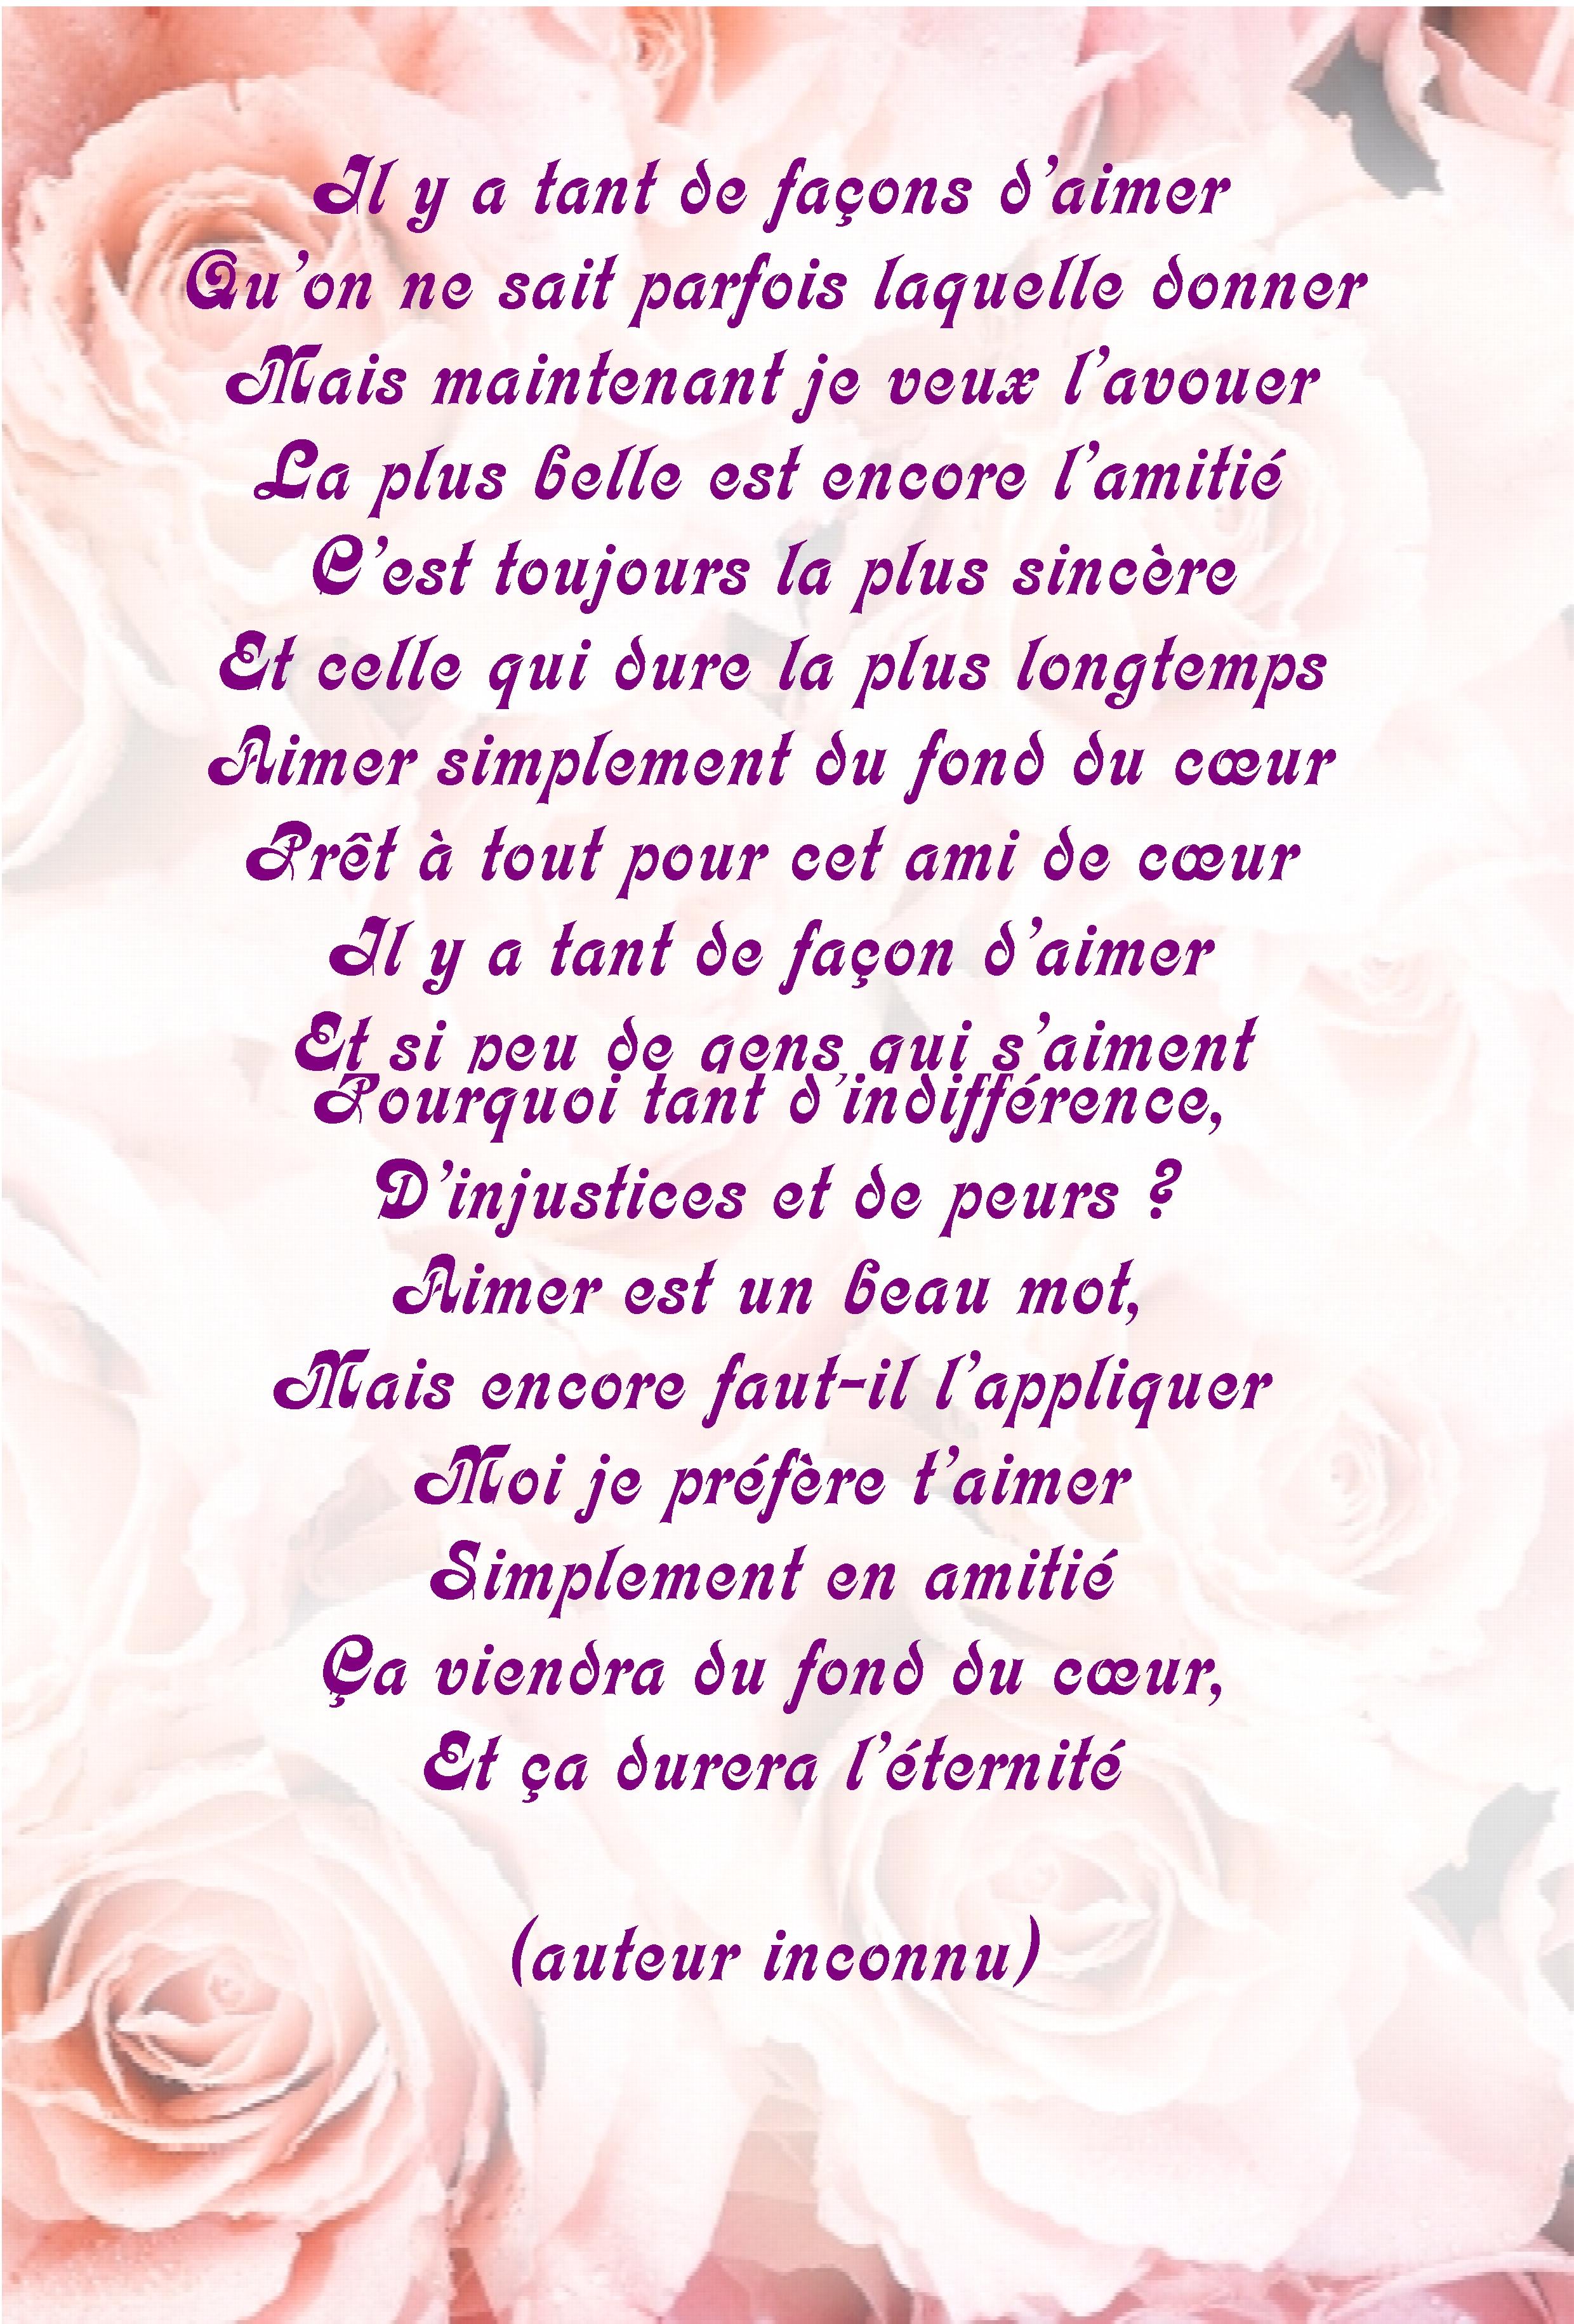 Poeme Amitie